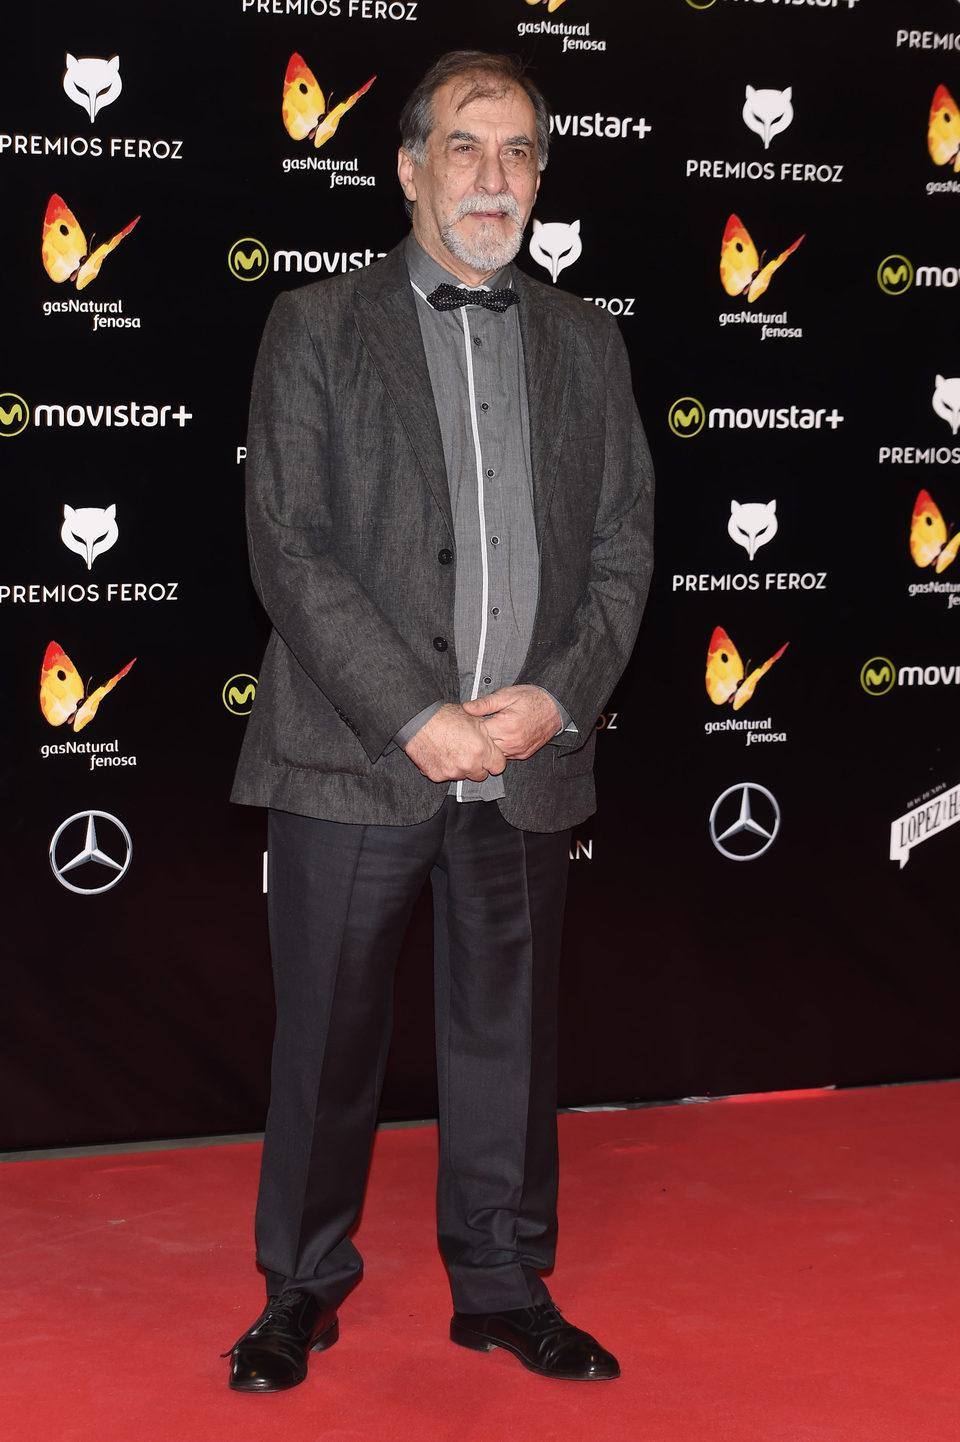 Ramón Barea en la alfombra roja de los Premios Feroz 2016